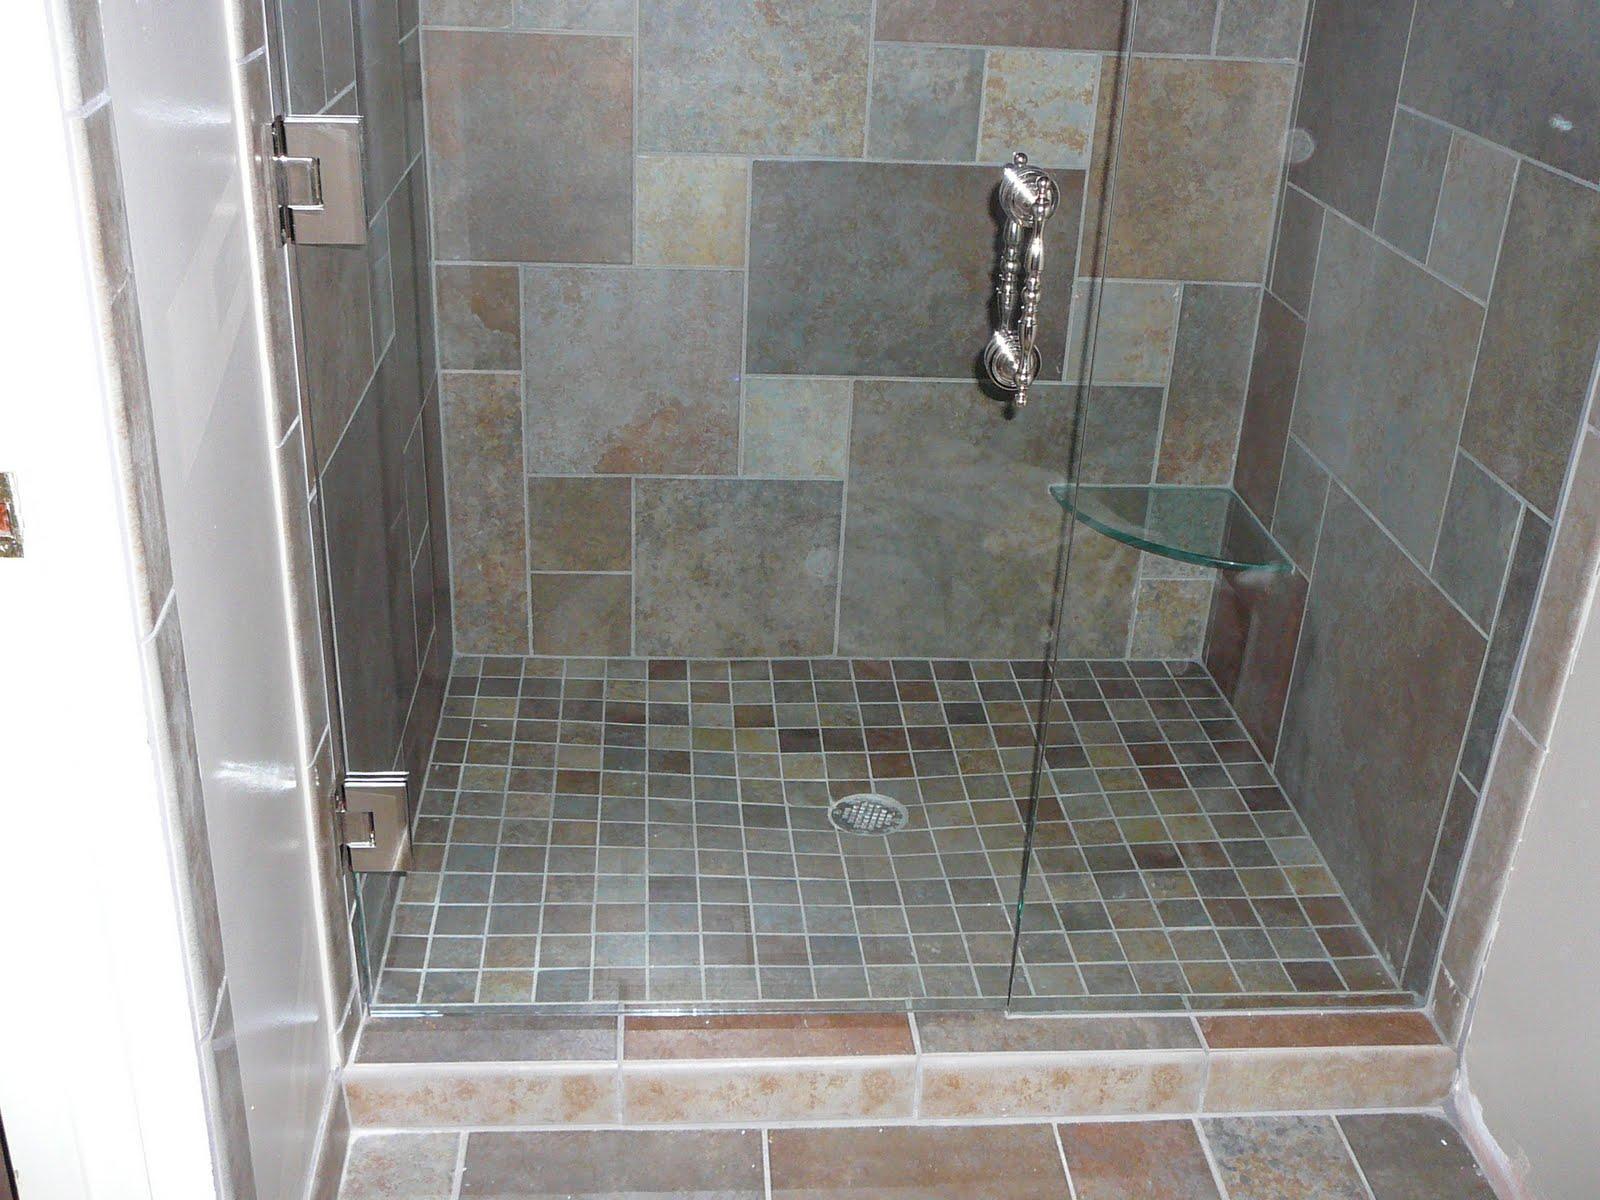 Knapp Tile and Flooring, Inc.: Custom Shower